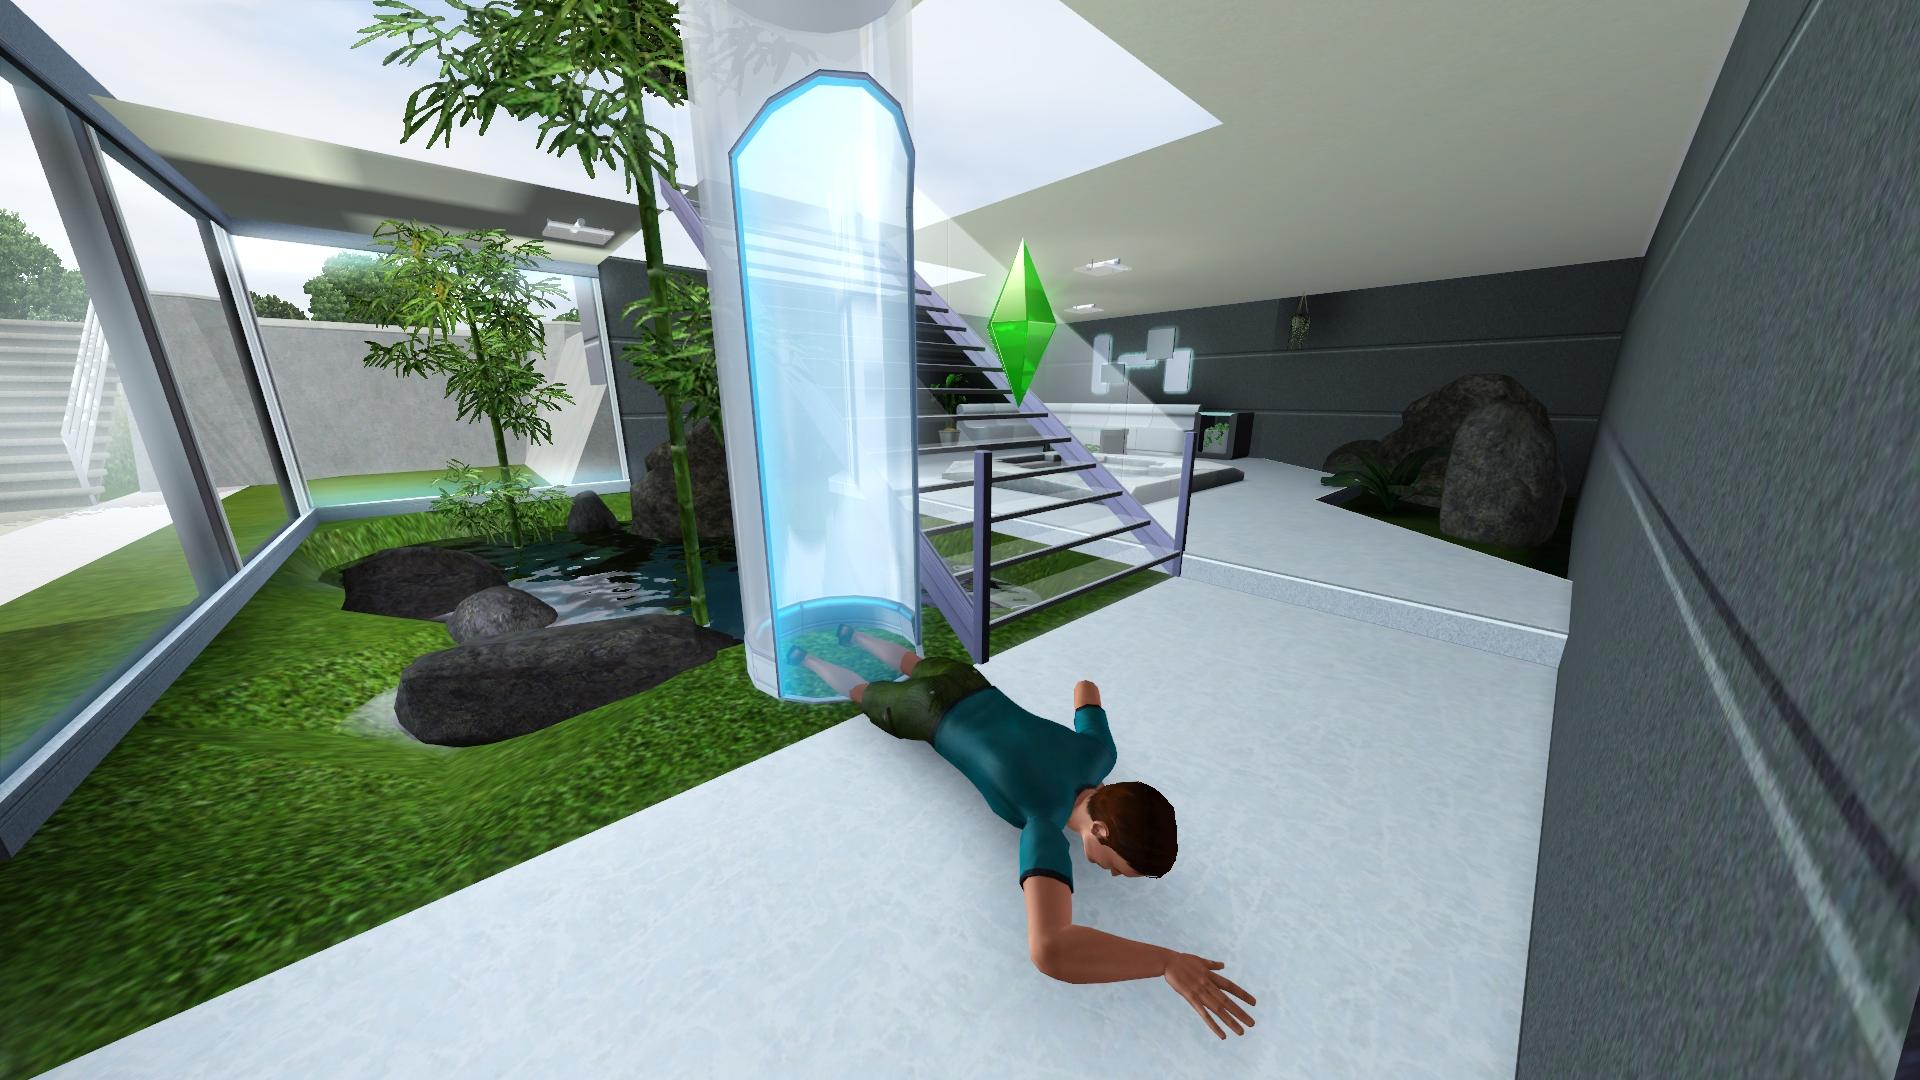 Preview de sims 3 vooruit in de tijd - De gevels van de huizen ...